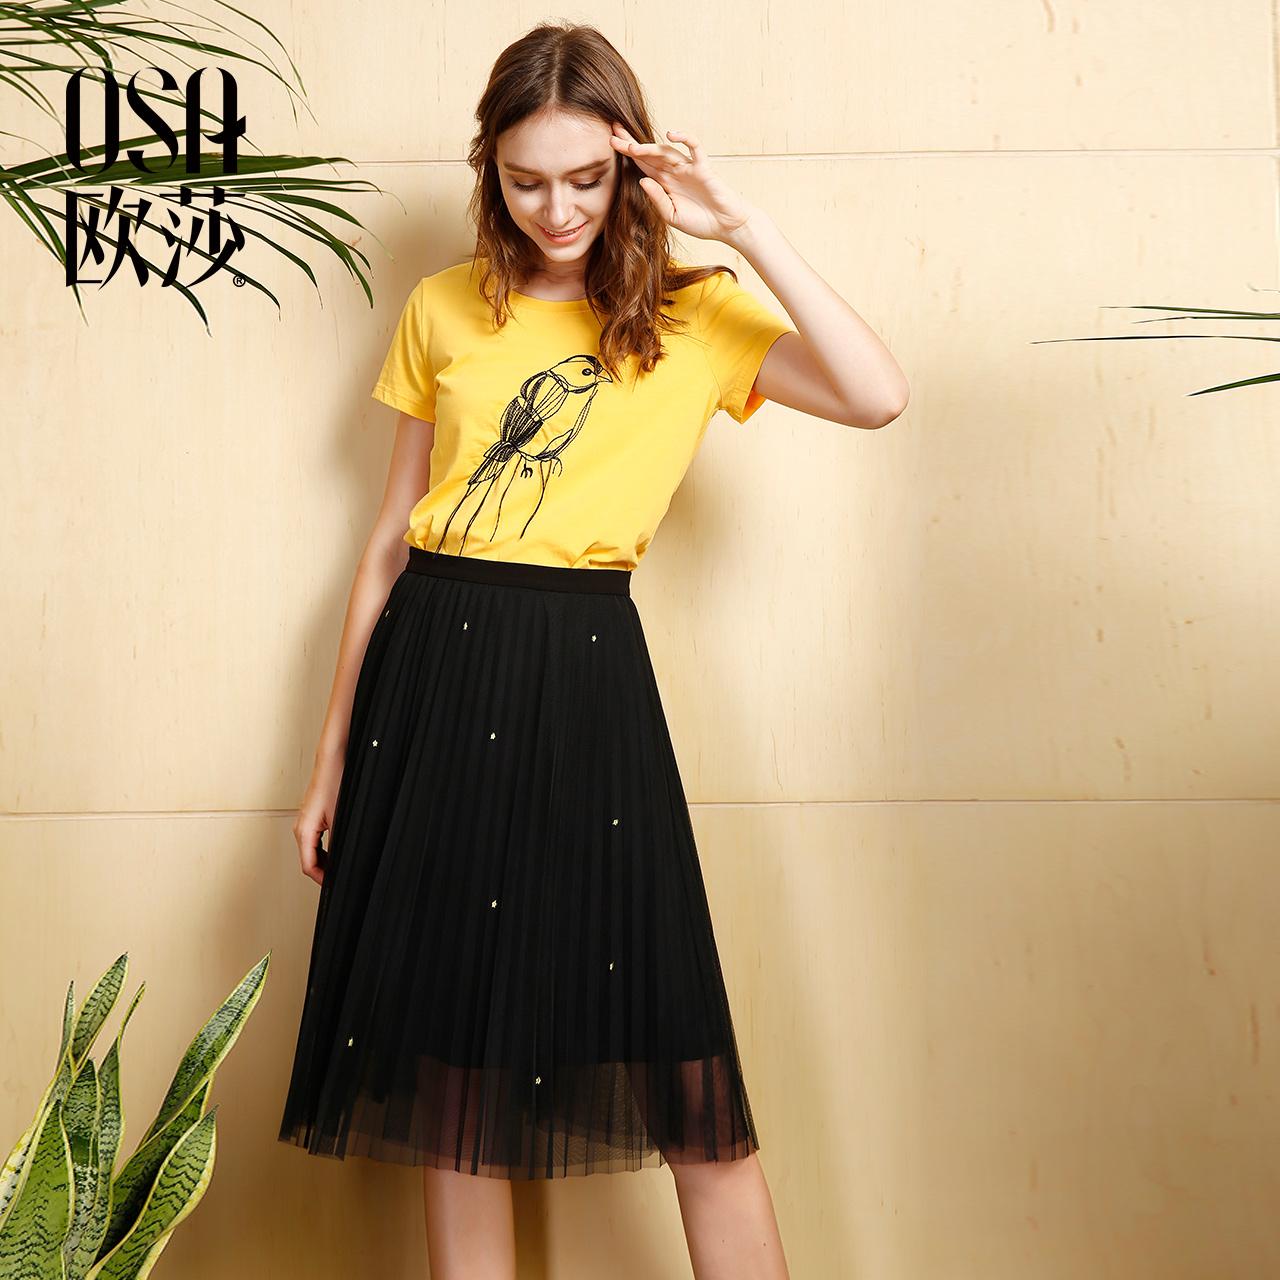 裙子款式图手绘_服装裙子结构图款式图_lolita裙子基础款式图